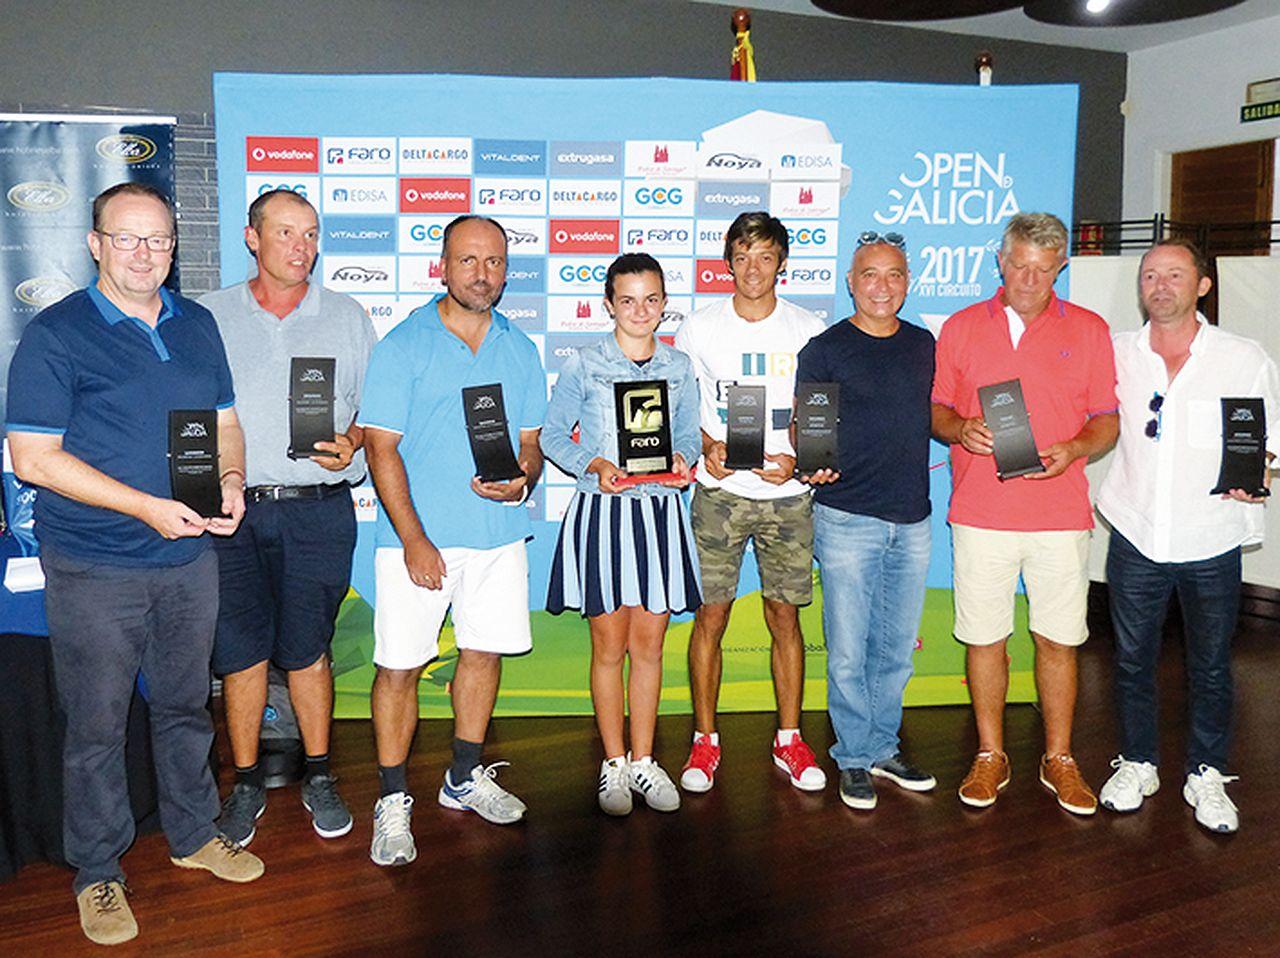 Open de Galicia de Golf celebrado en Vigo